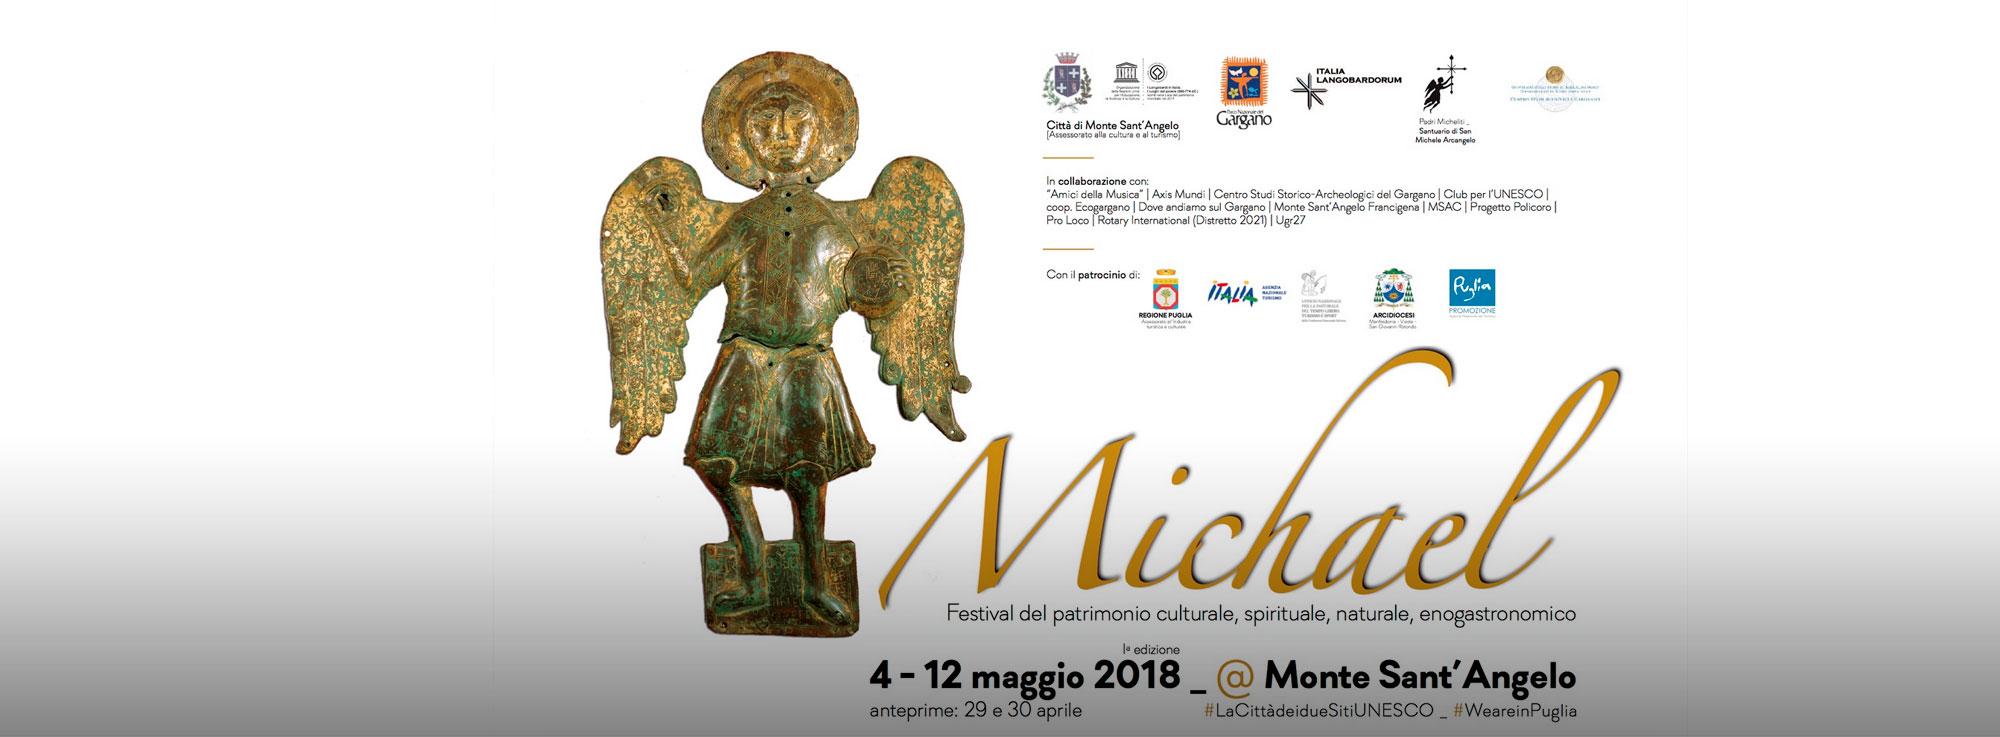 Monte Sant'Angelo: Michael - Festival del patrimonio culturale, spirituale, naturale, enogastronomico